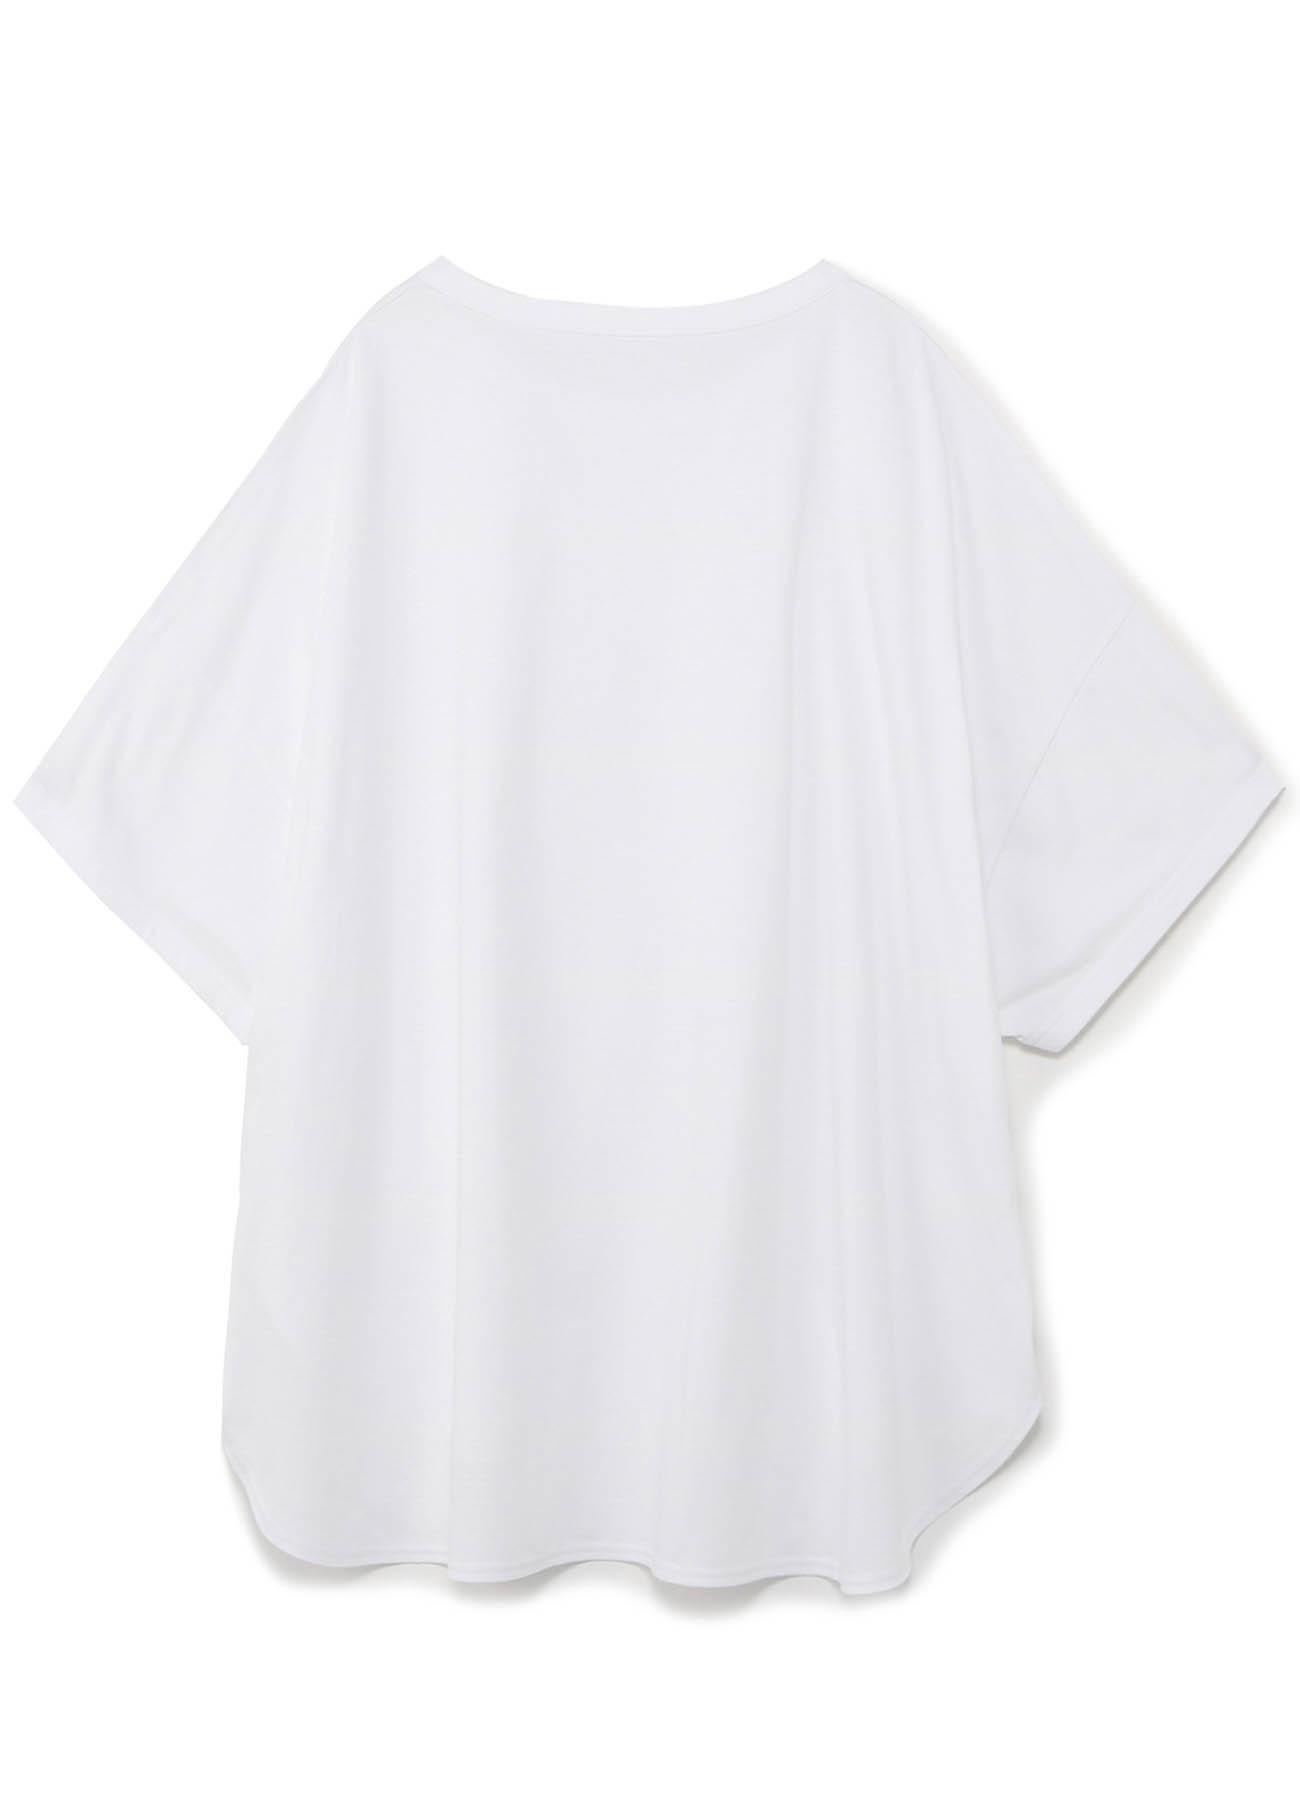 圆形下摆短袖T恤 · 宽松版